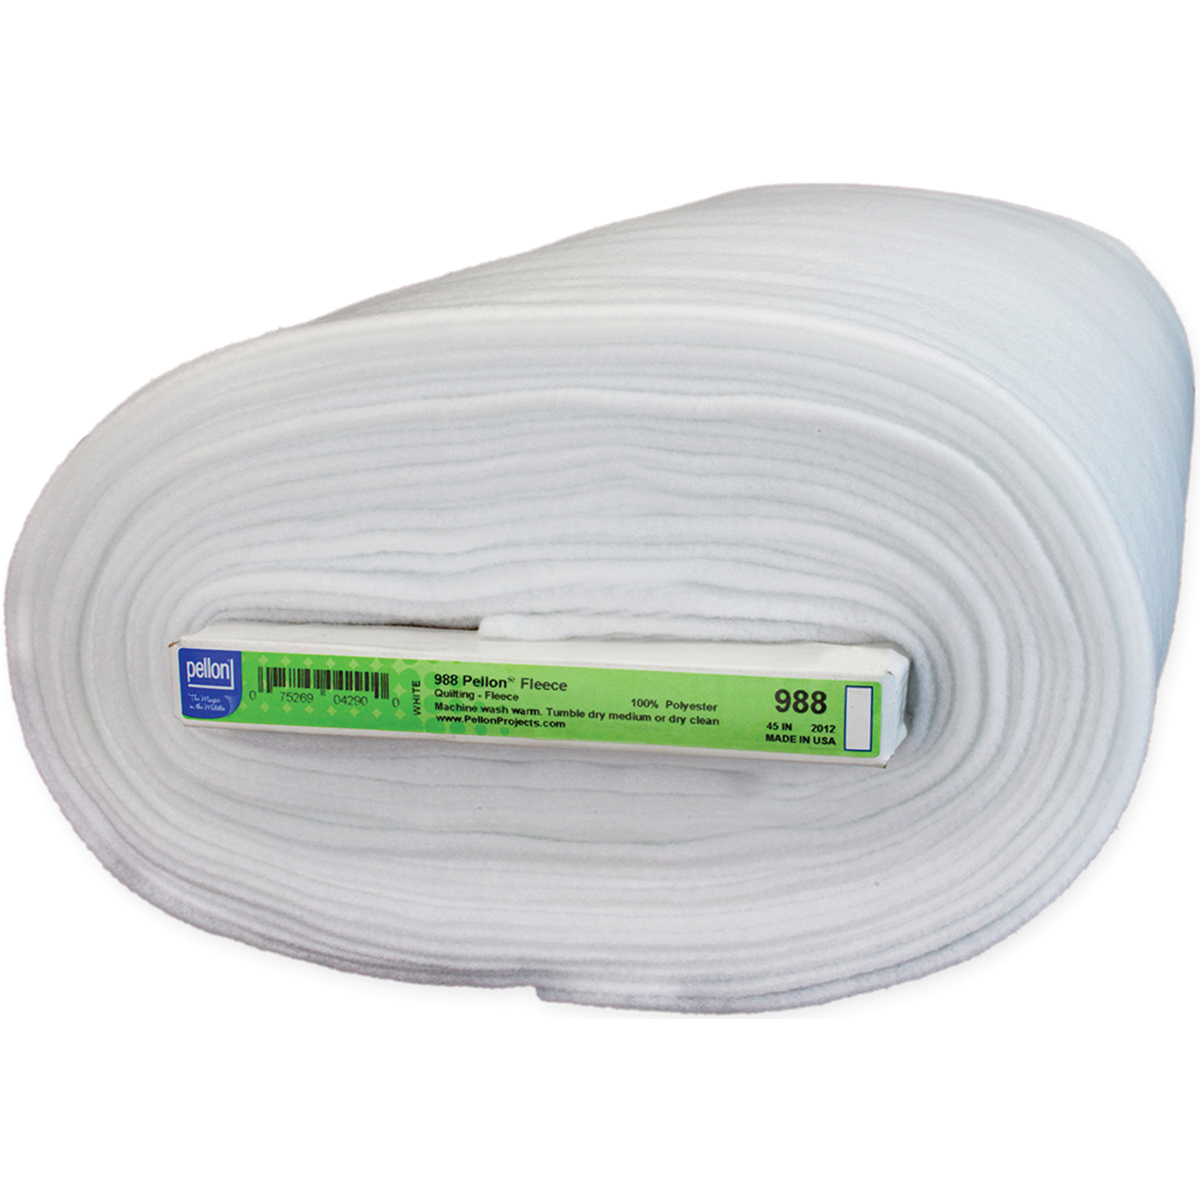 """Pellon Sew-In Fleece, 44"""" x 20 yds, White"""